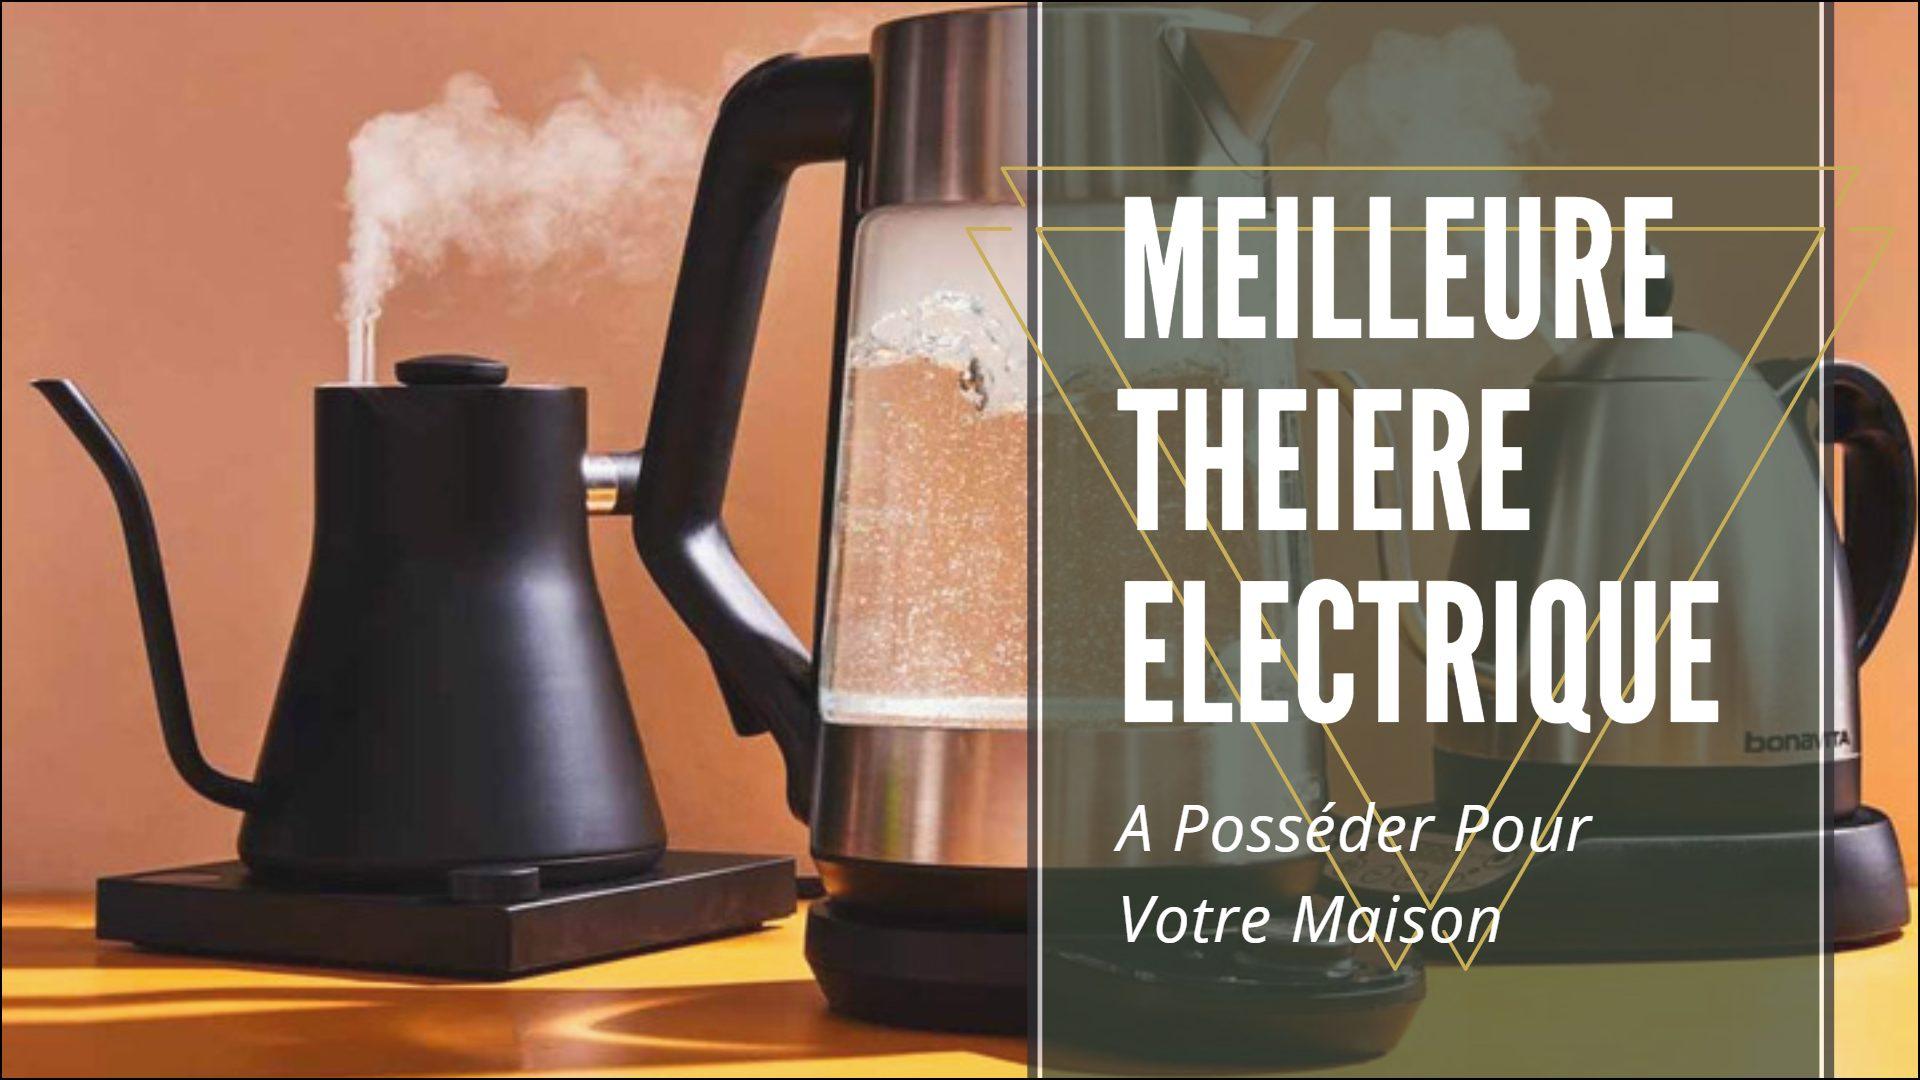 meilleure theiere electrique